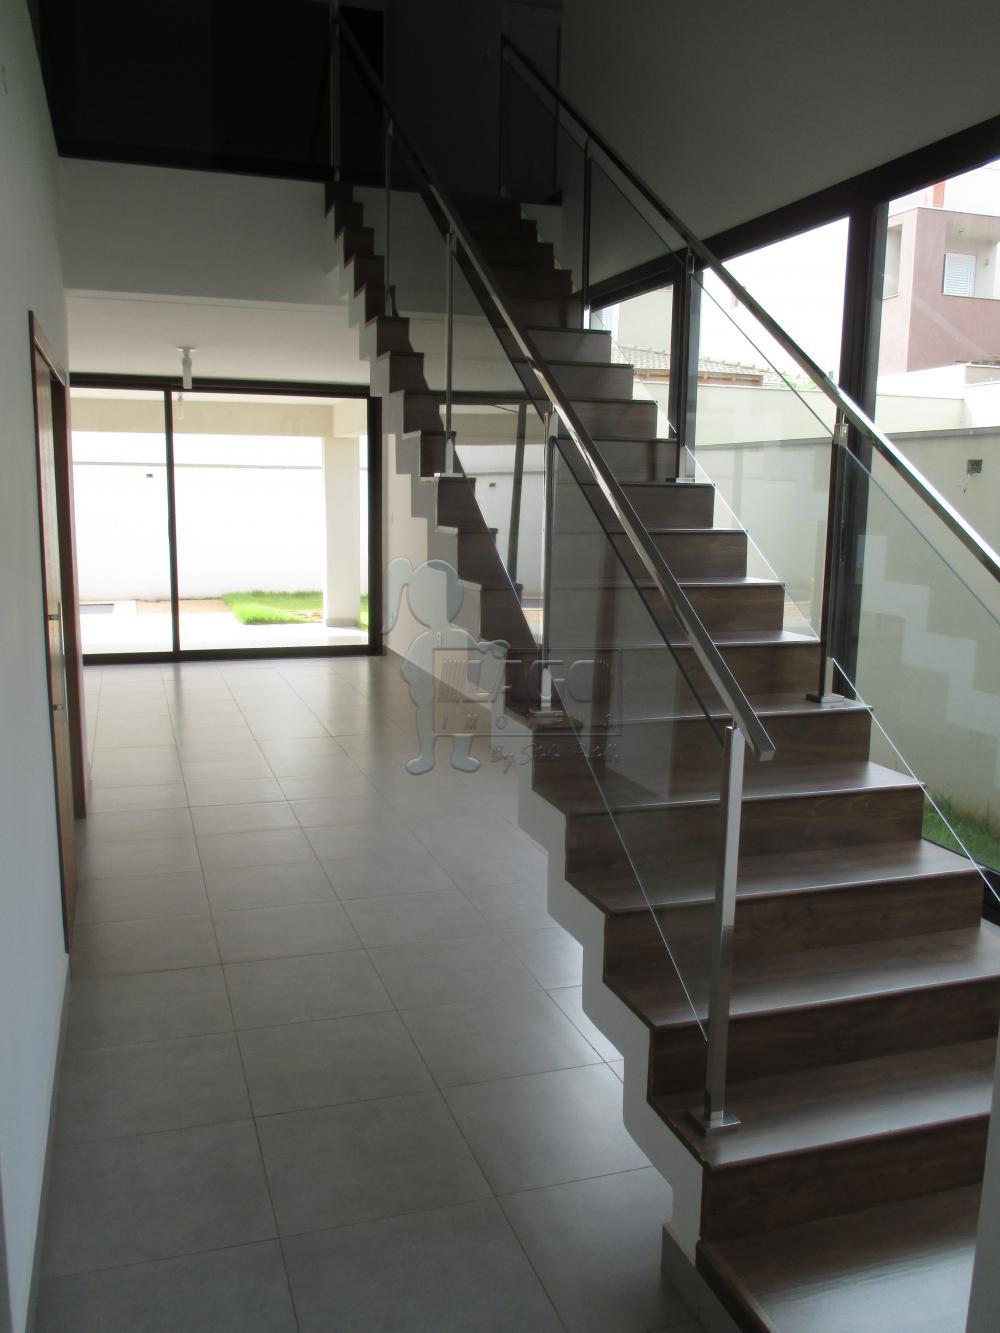 Comprar Casas / Condomínio em Ribeirão Preto apenas R$ 1.300.000,00 - Foto 8